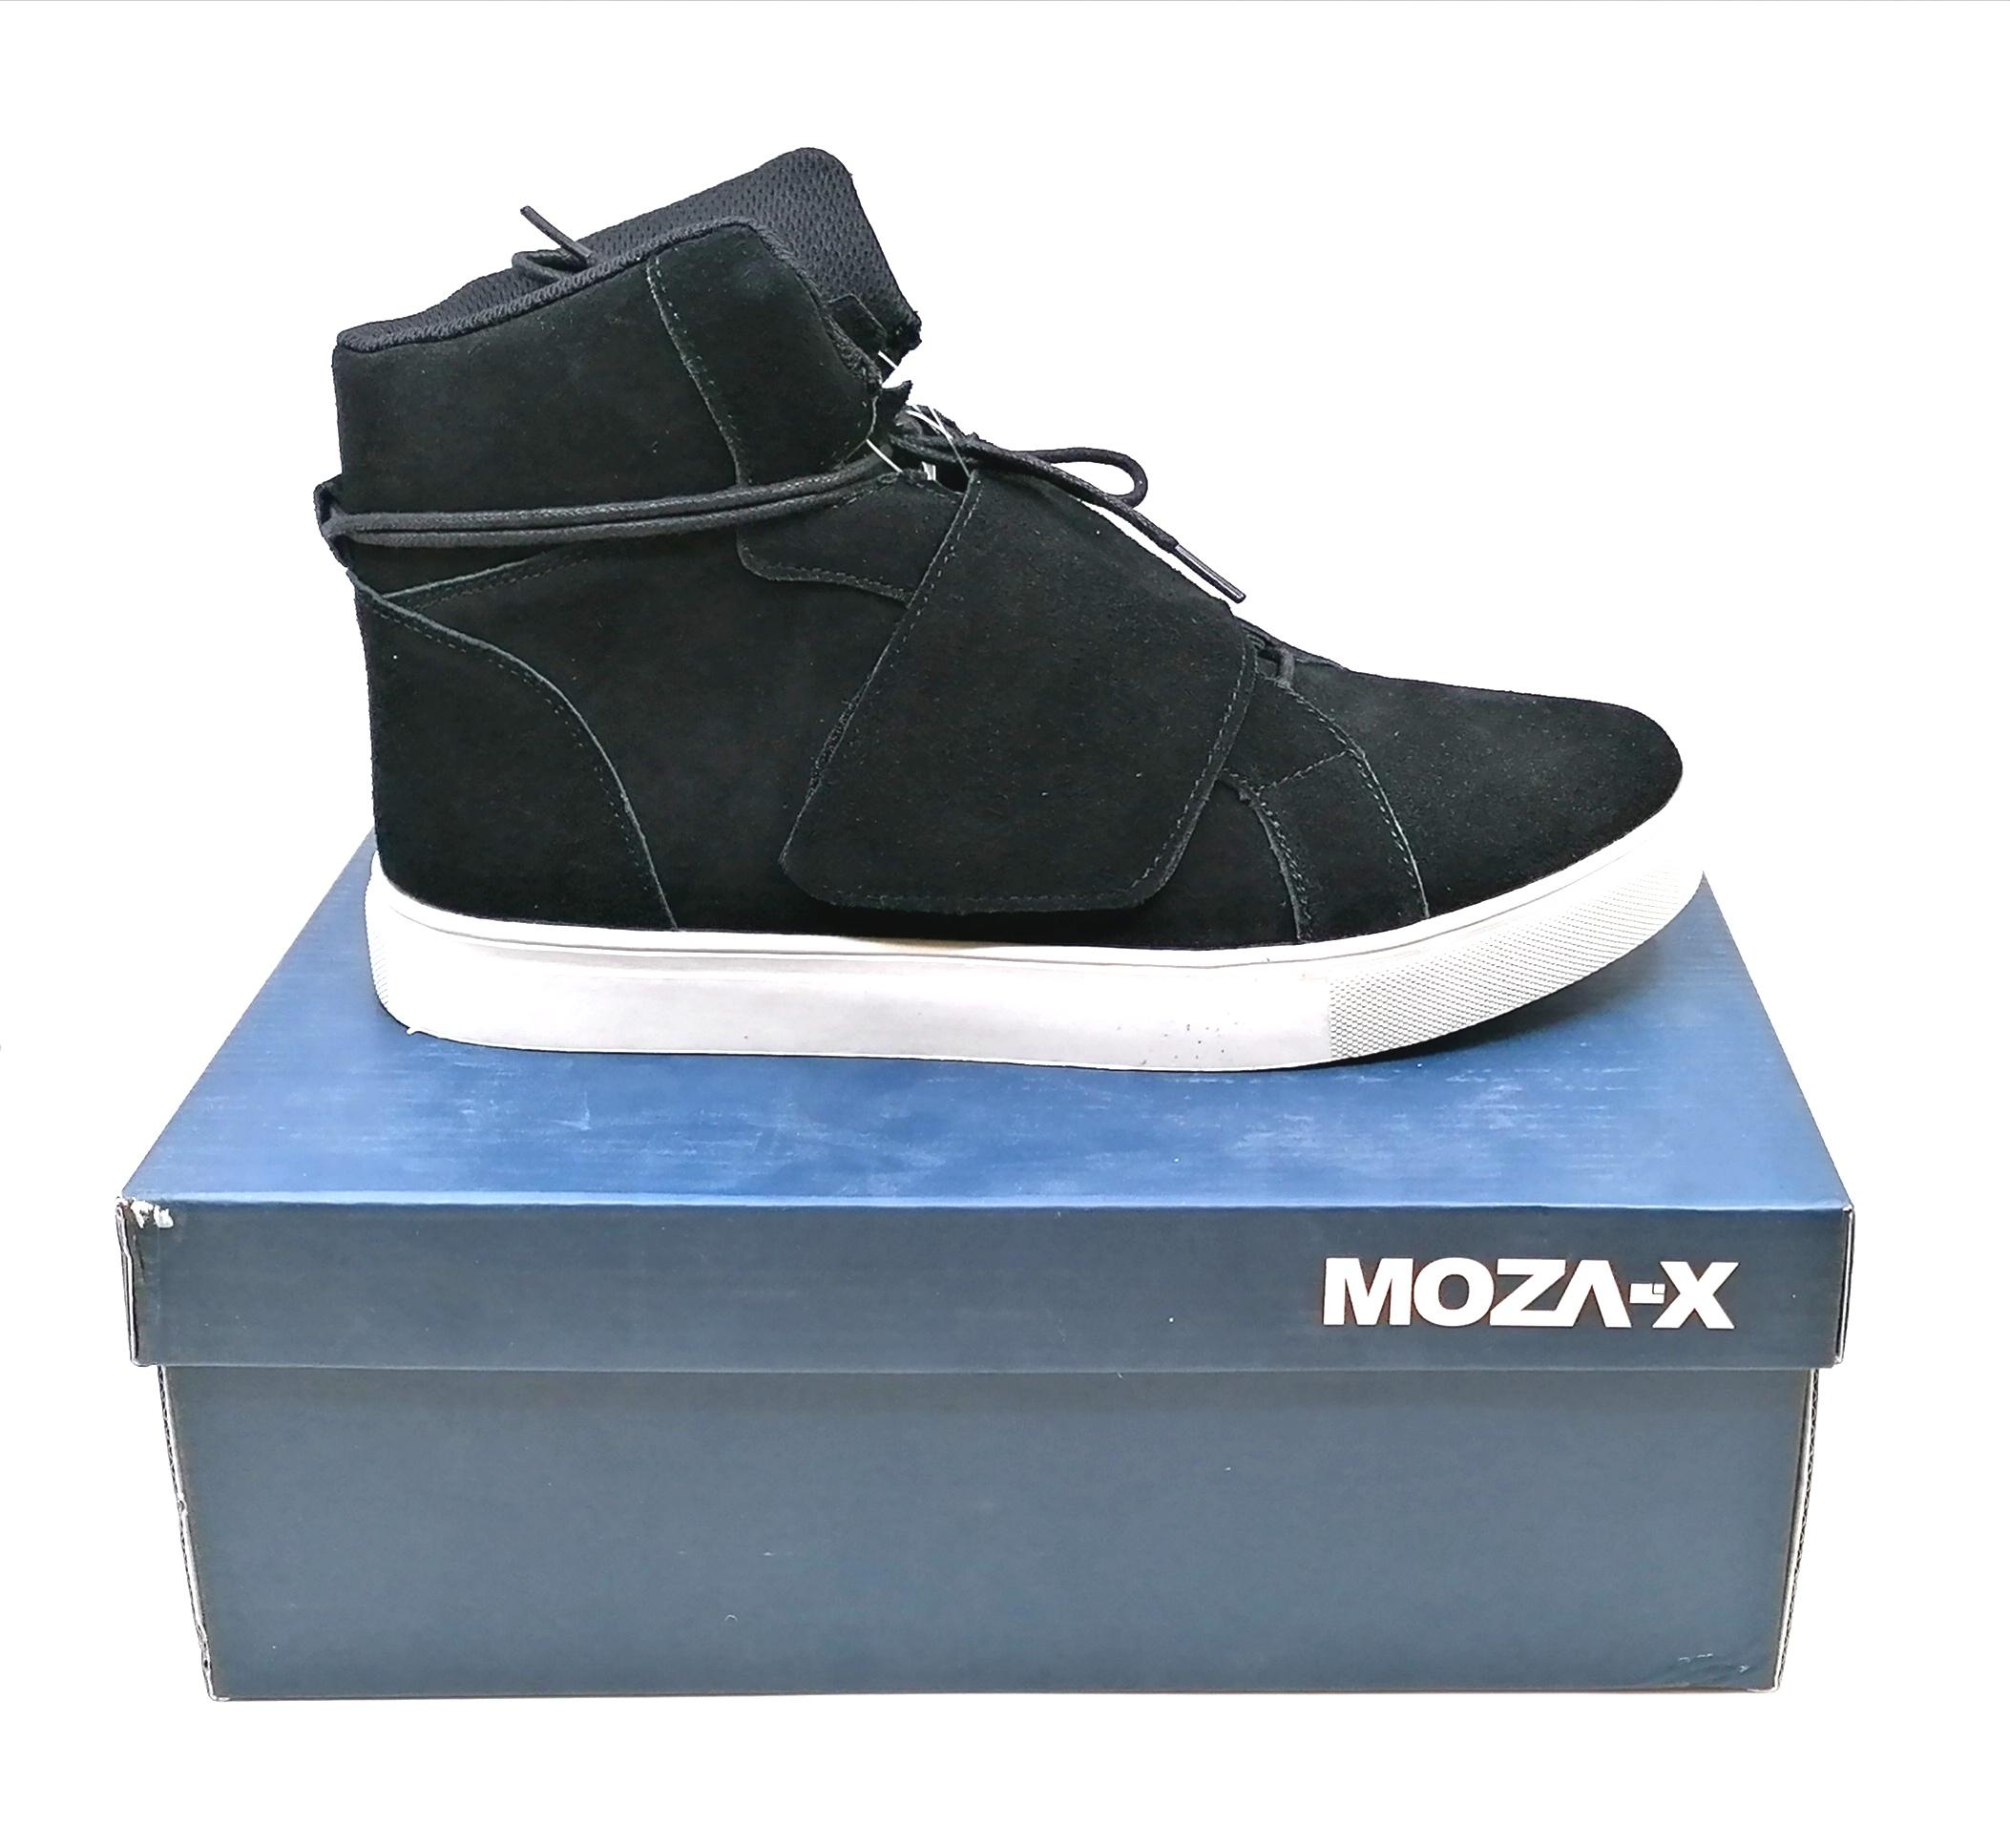 Pánská kotníková obuv semišová- černá, MOZA-X *Velikosti textil: 44